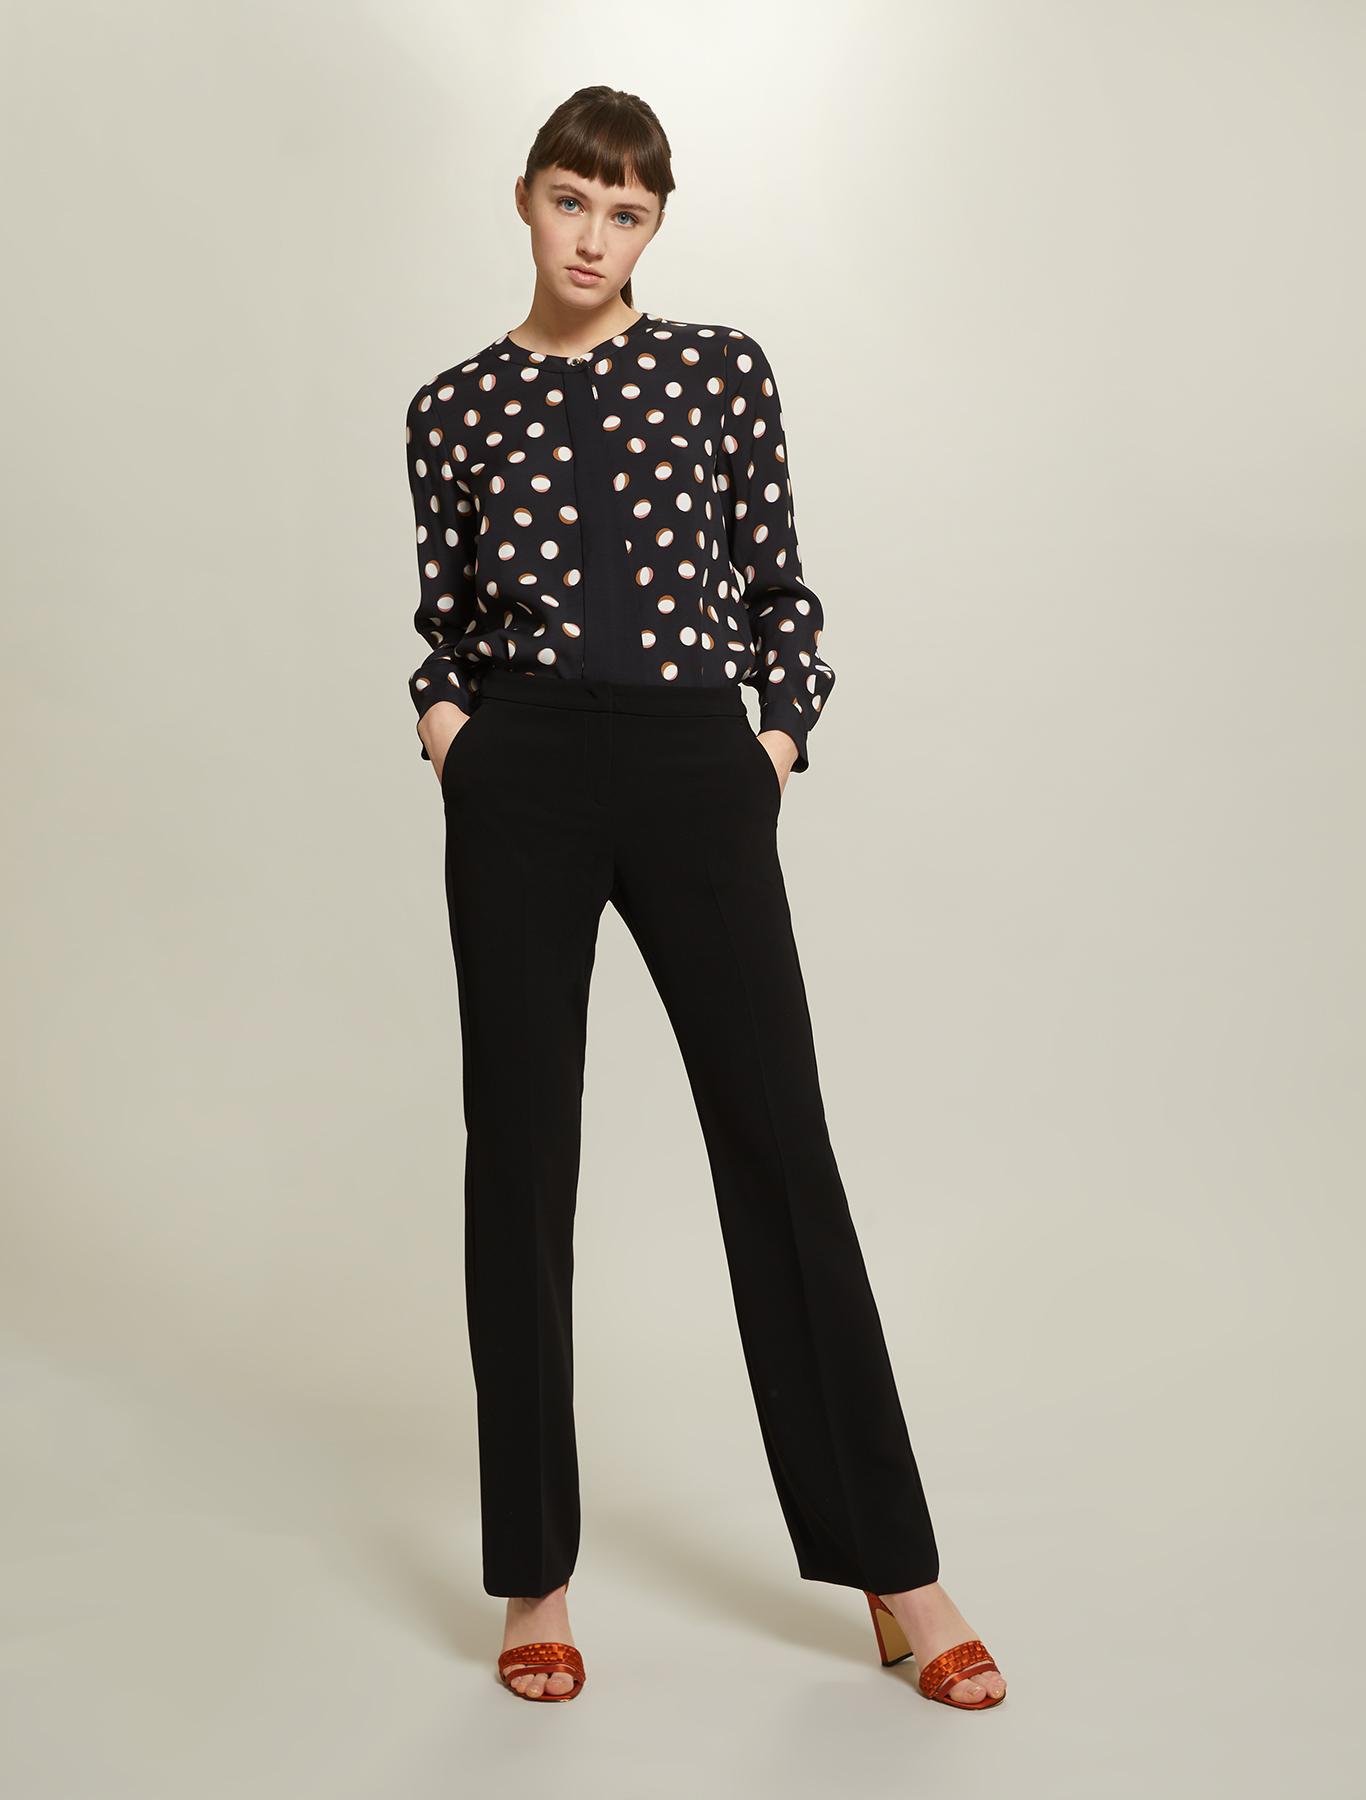 Polka dot sablé shirt - black pattern - pennyblack